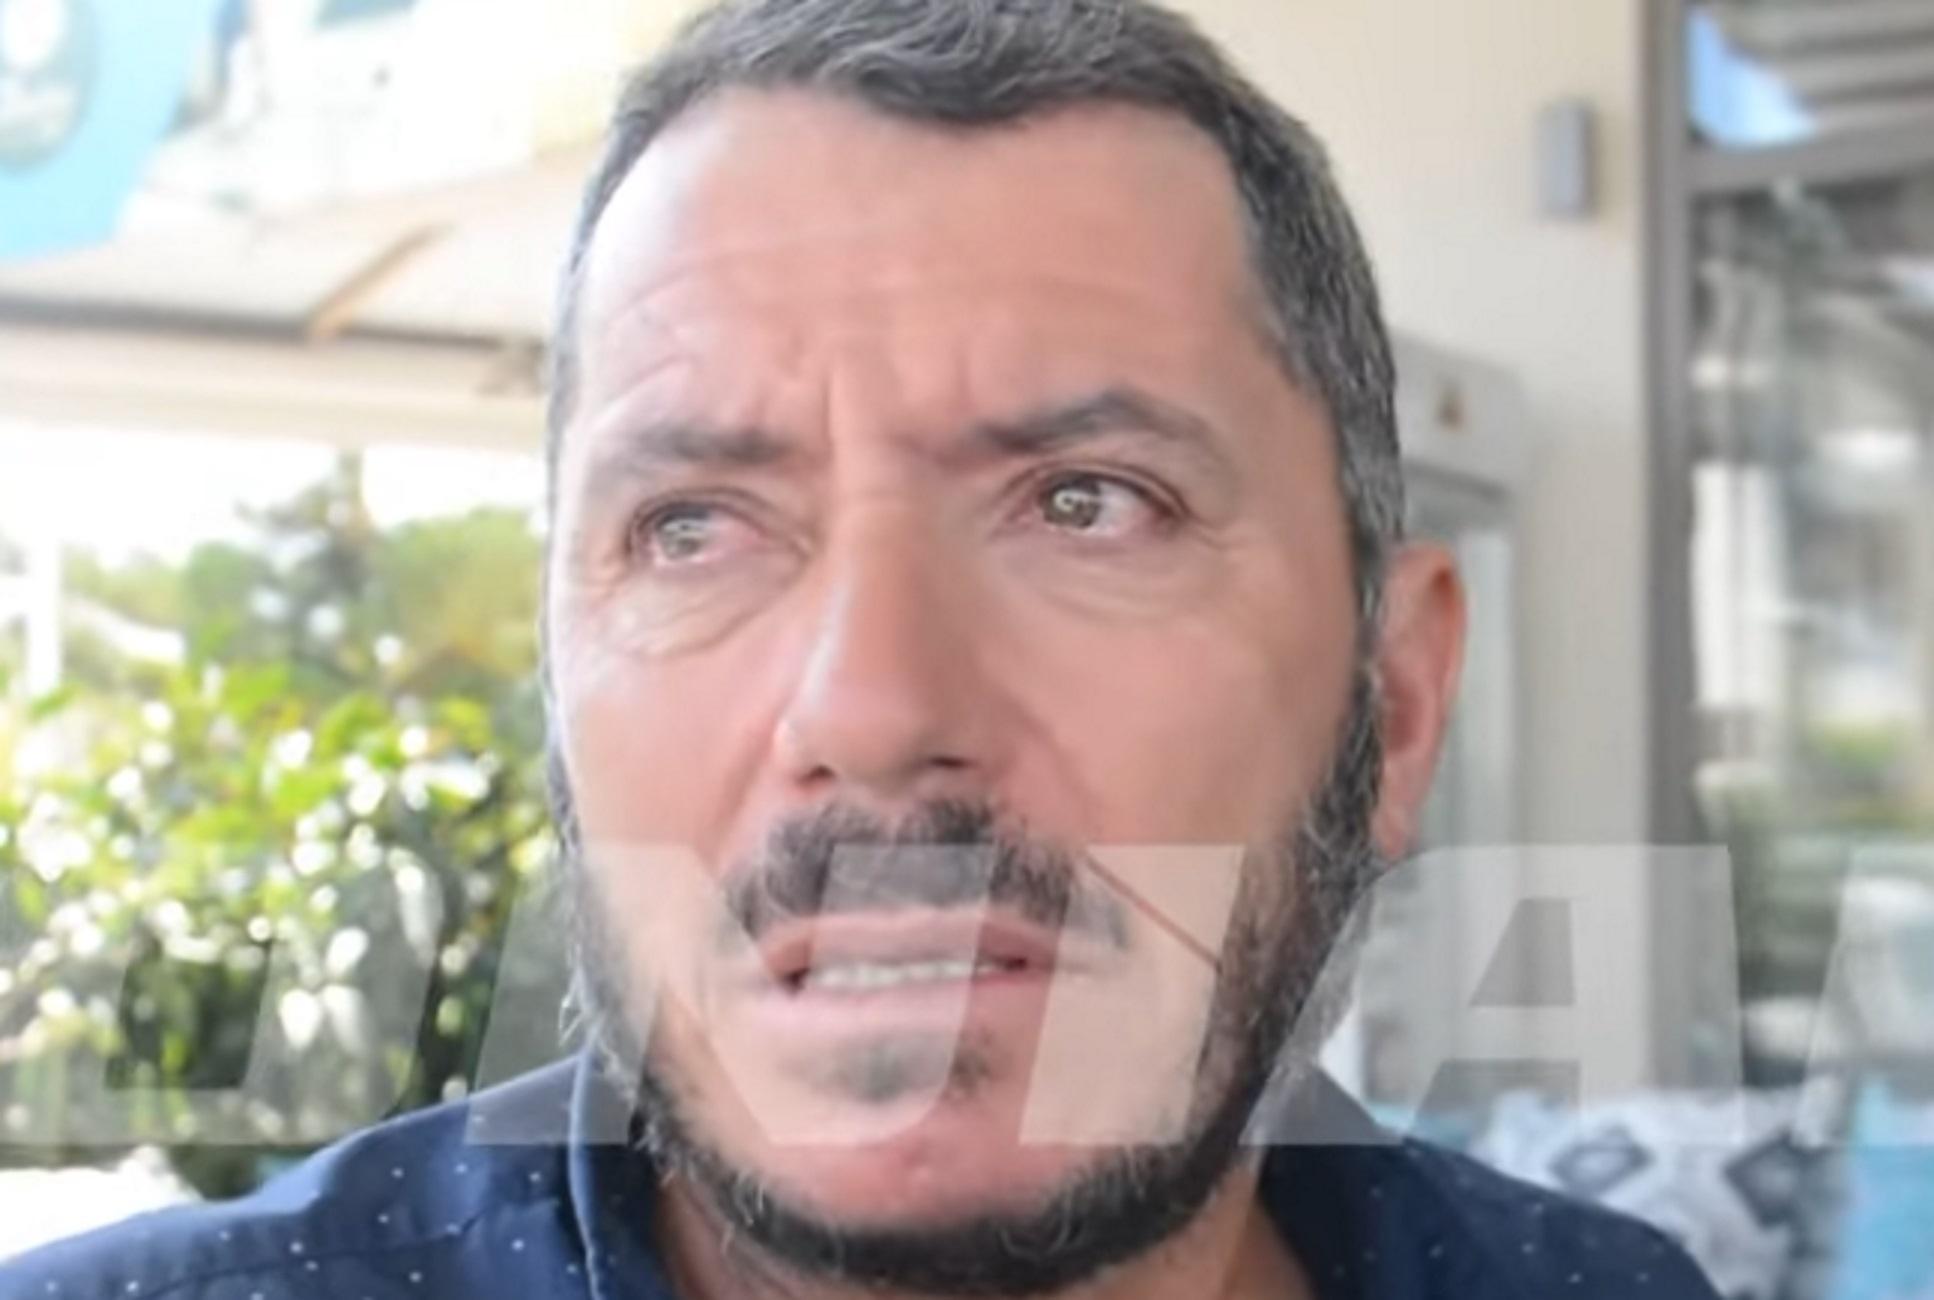 Ζάκυνθος: Ραγίζουν καρδιές οι στενοί συγγενείς του 9χρονου που πέθανε από ηλεκτροπληξία σε ξενοδοχείο